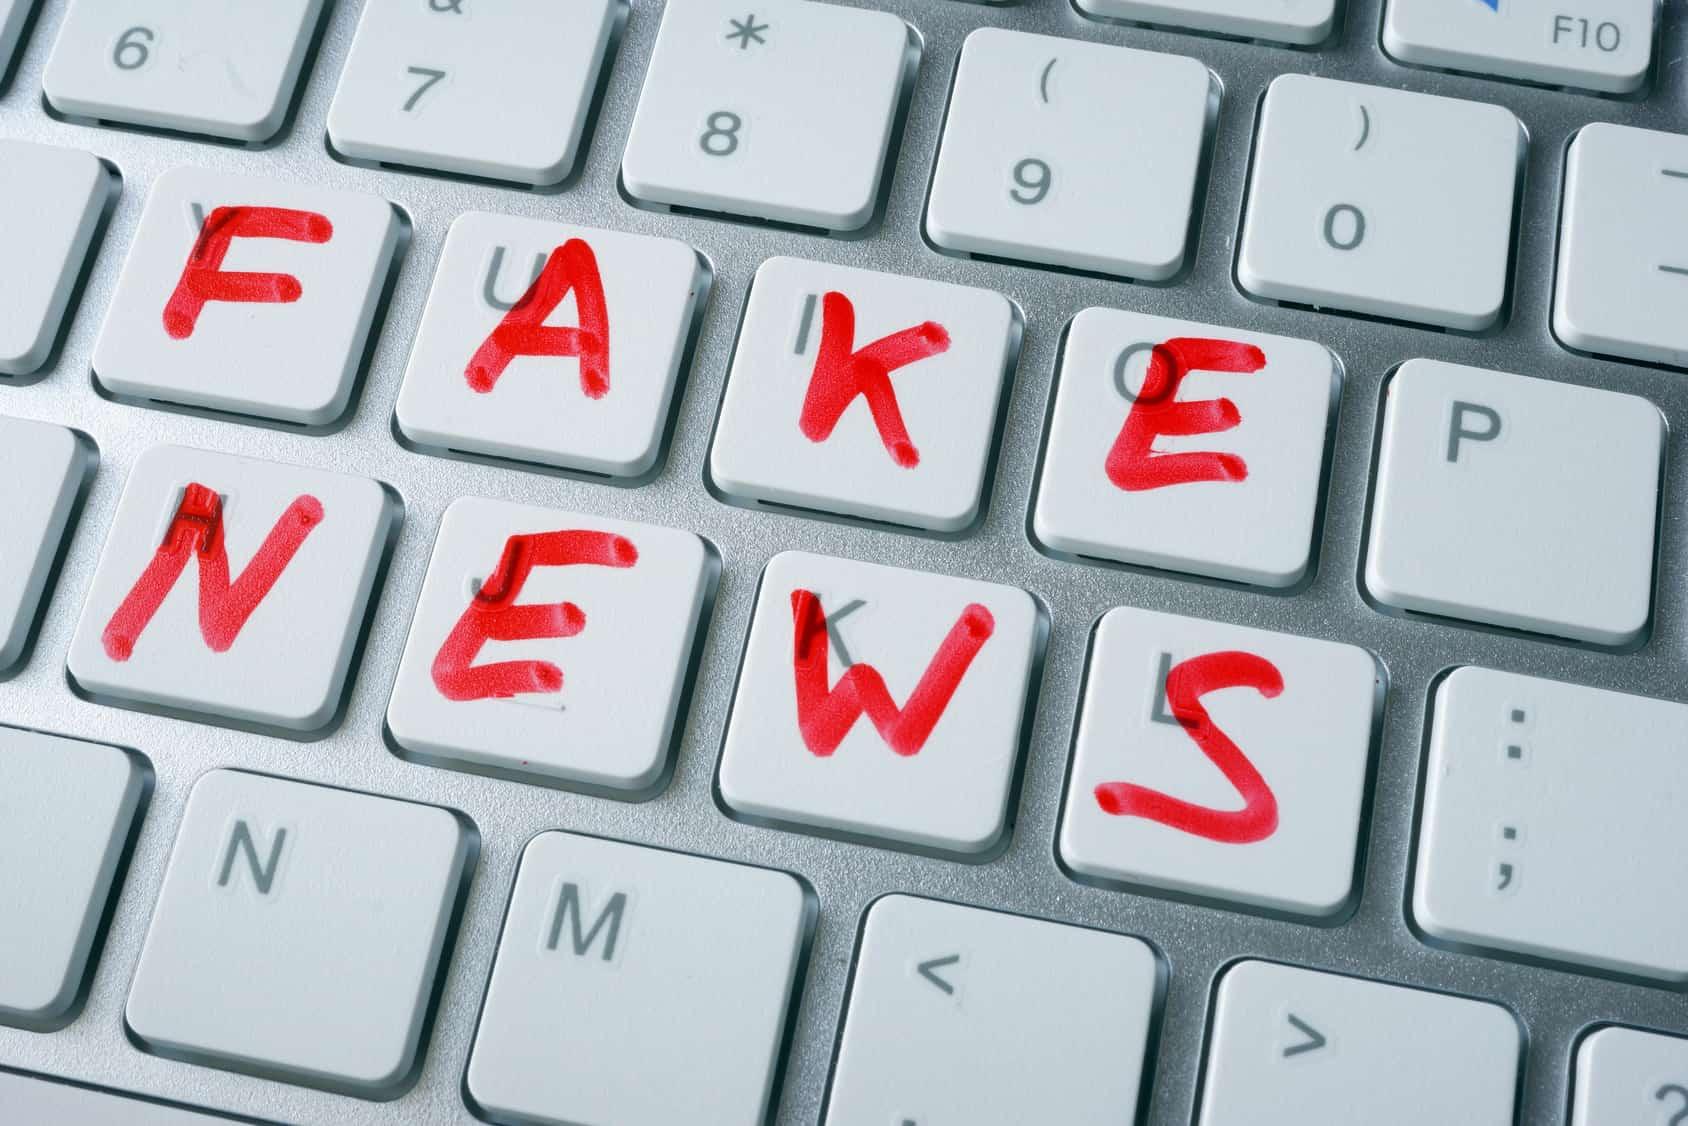 Las noticias falsas siempre han existido, pero en la actualidad se ha acelerado su proceso debido a la accesibilidad de la información, la hiperconectividad y la facilidad de su publicación.